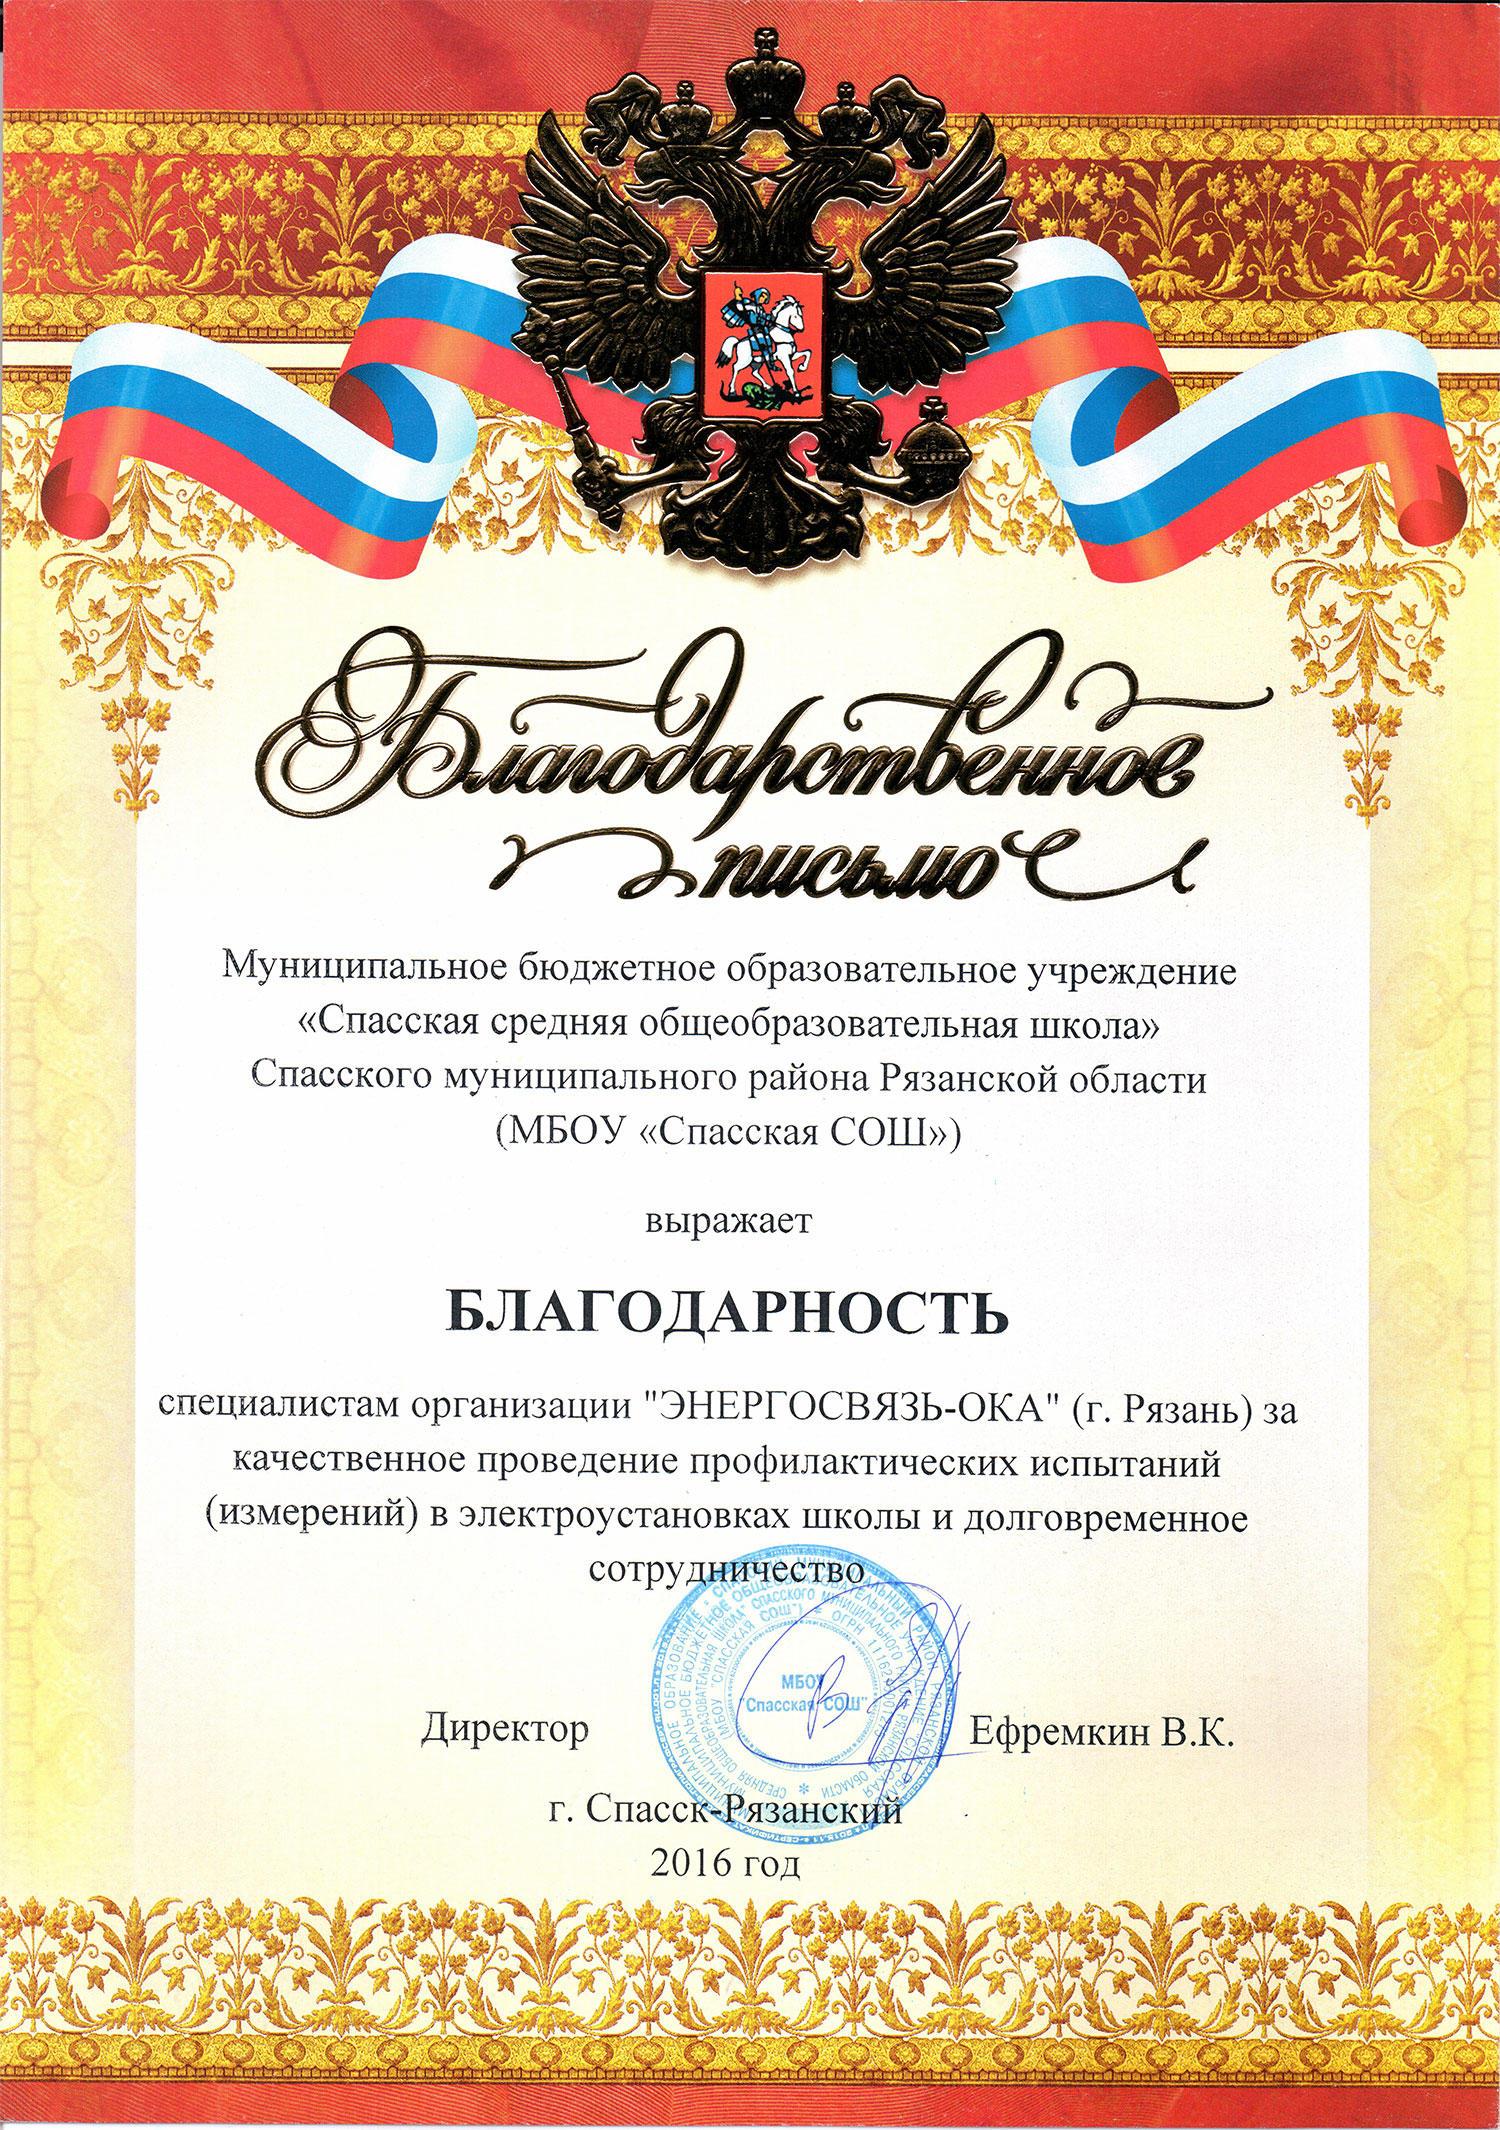 Благодарность Спасской средней общеобразовательной школы